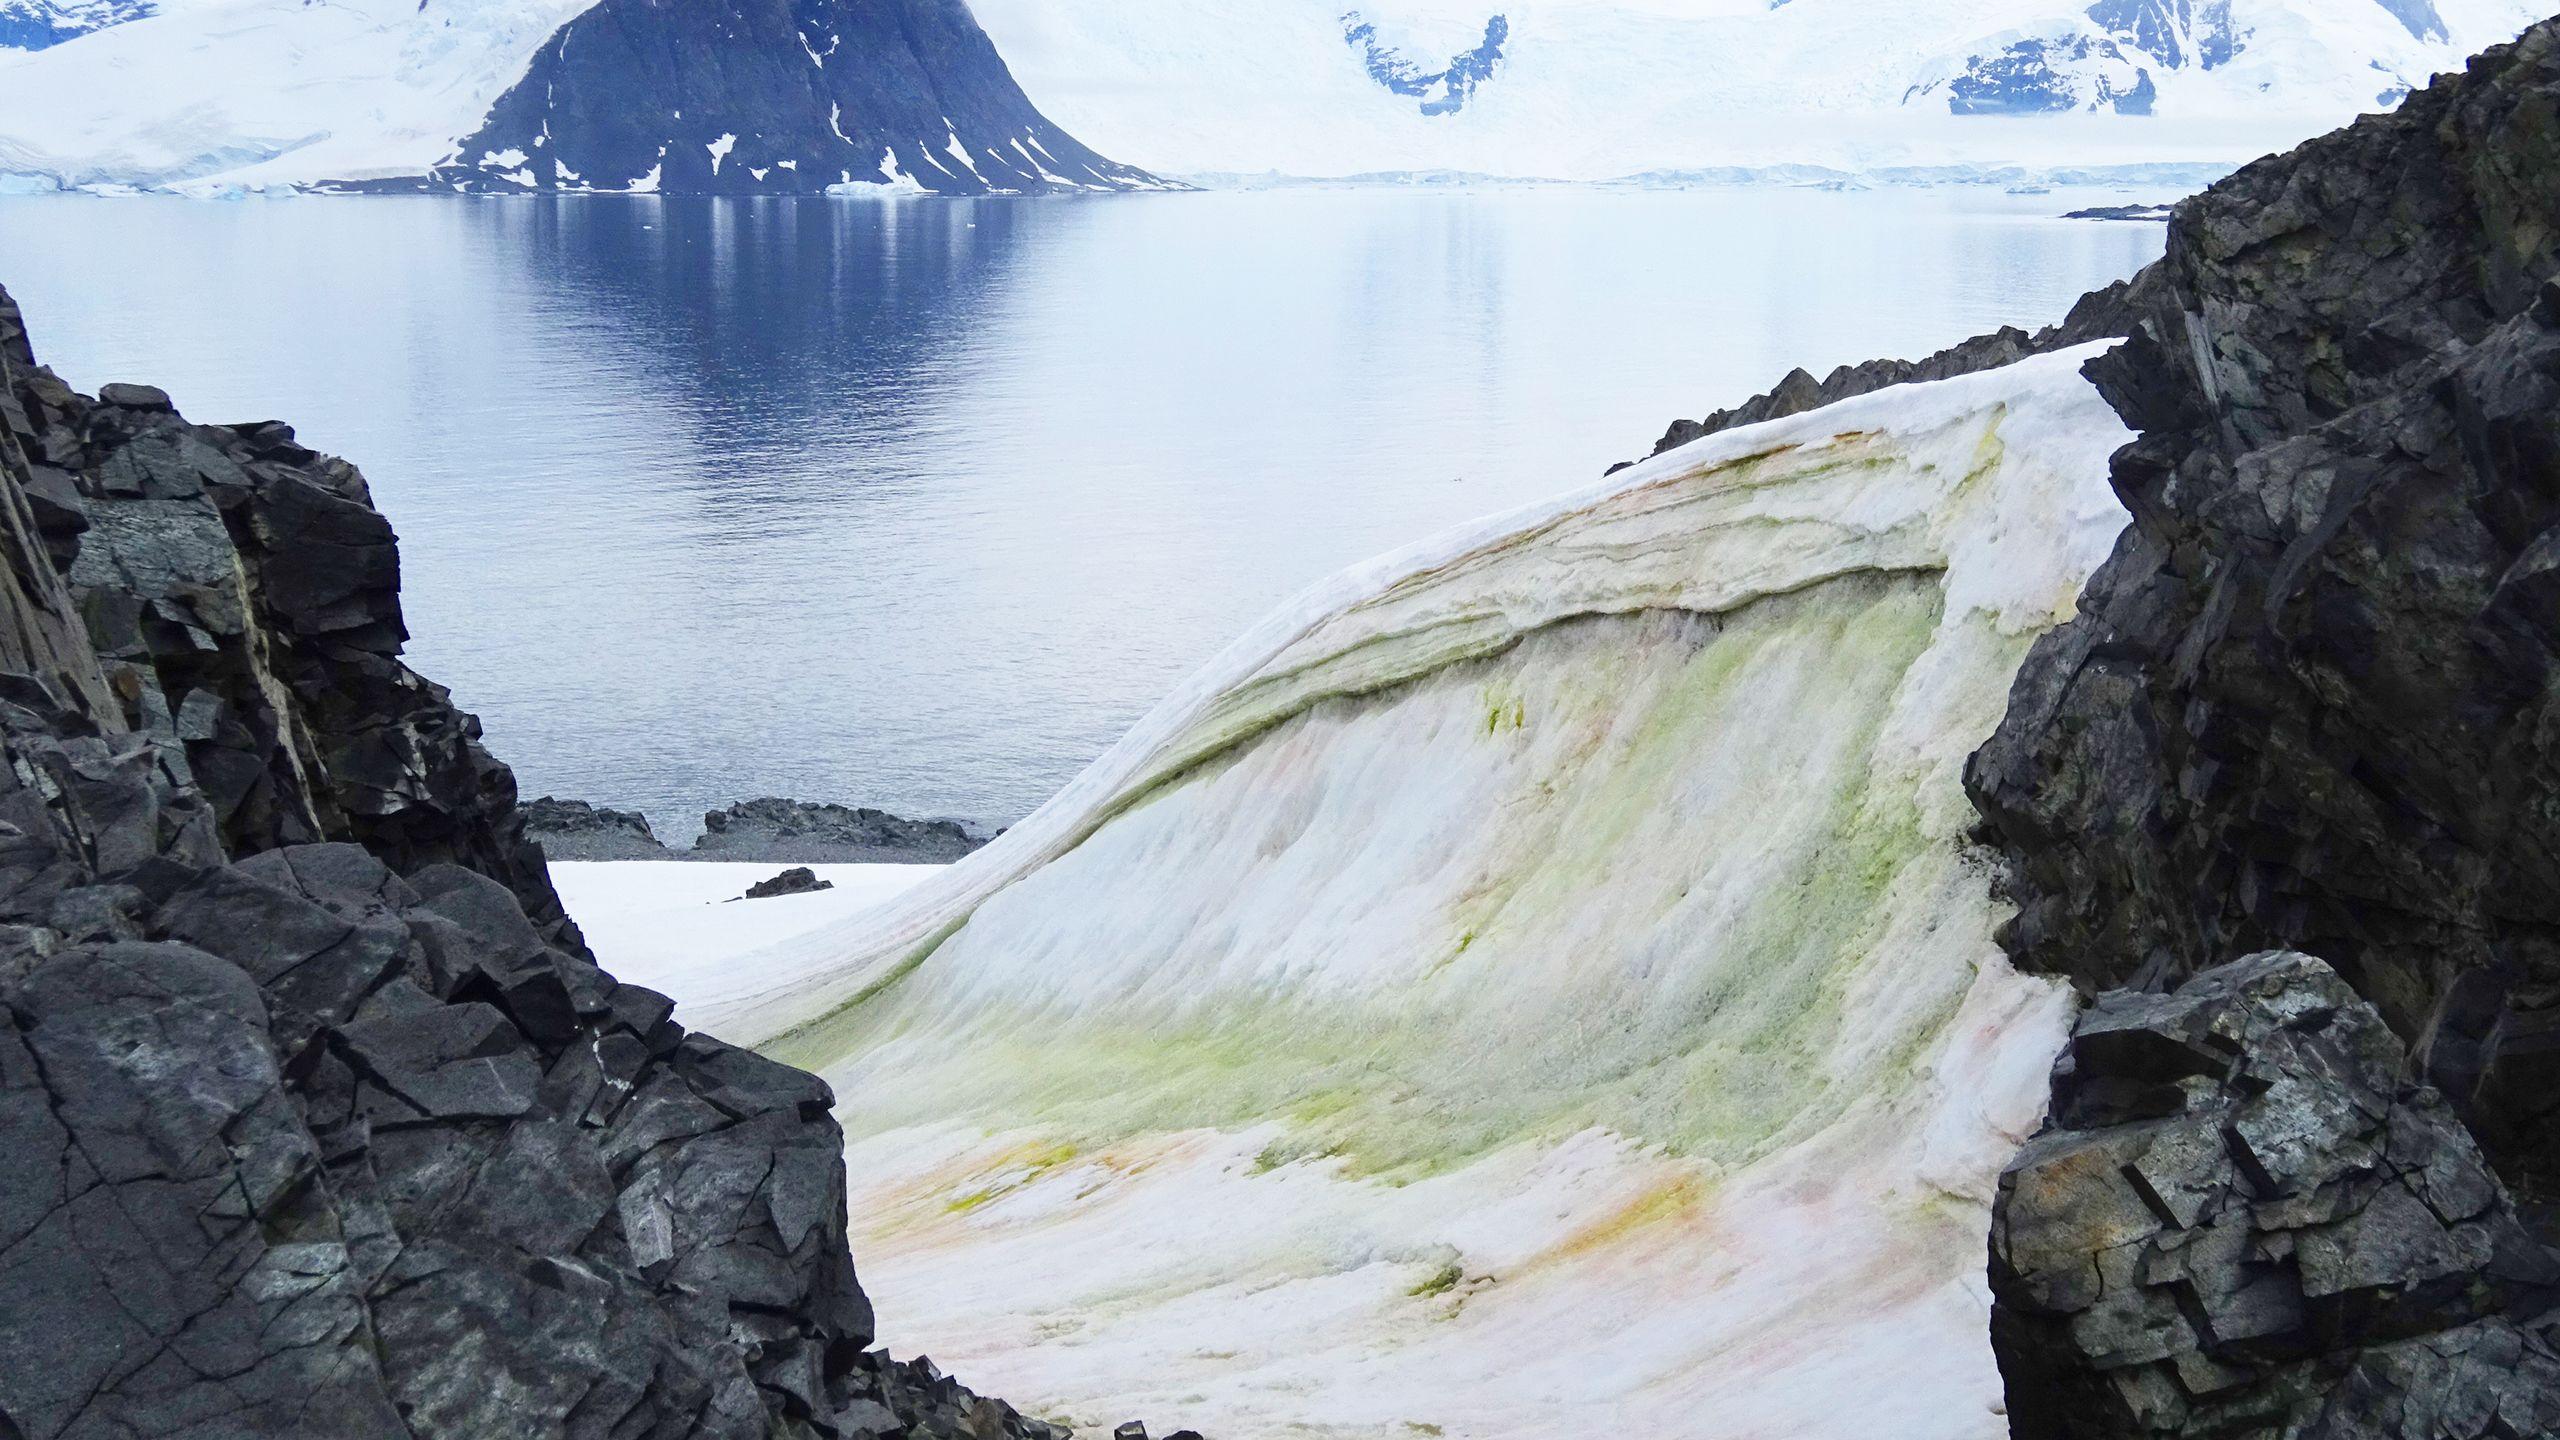 Alghe colorate della neve sull'isola di Anchorage, Antartide. Credito Matt Davey